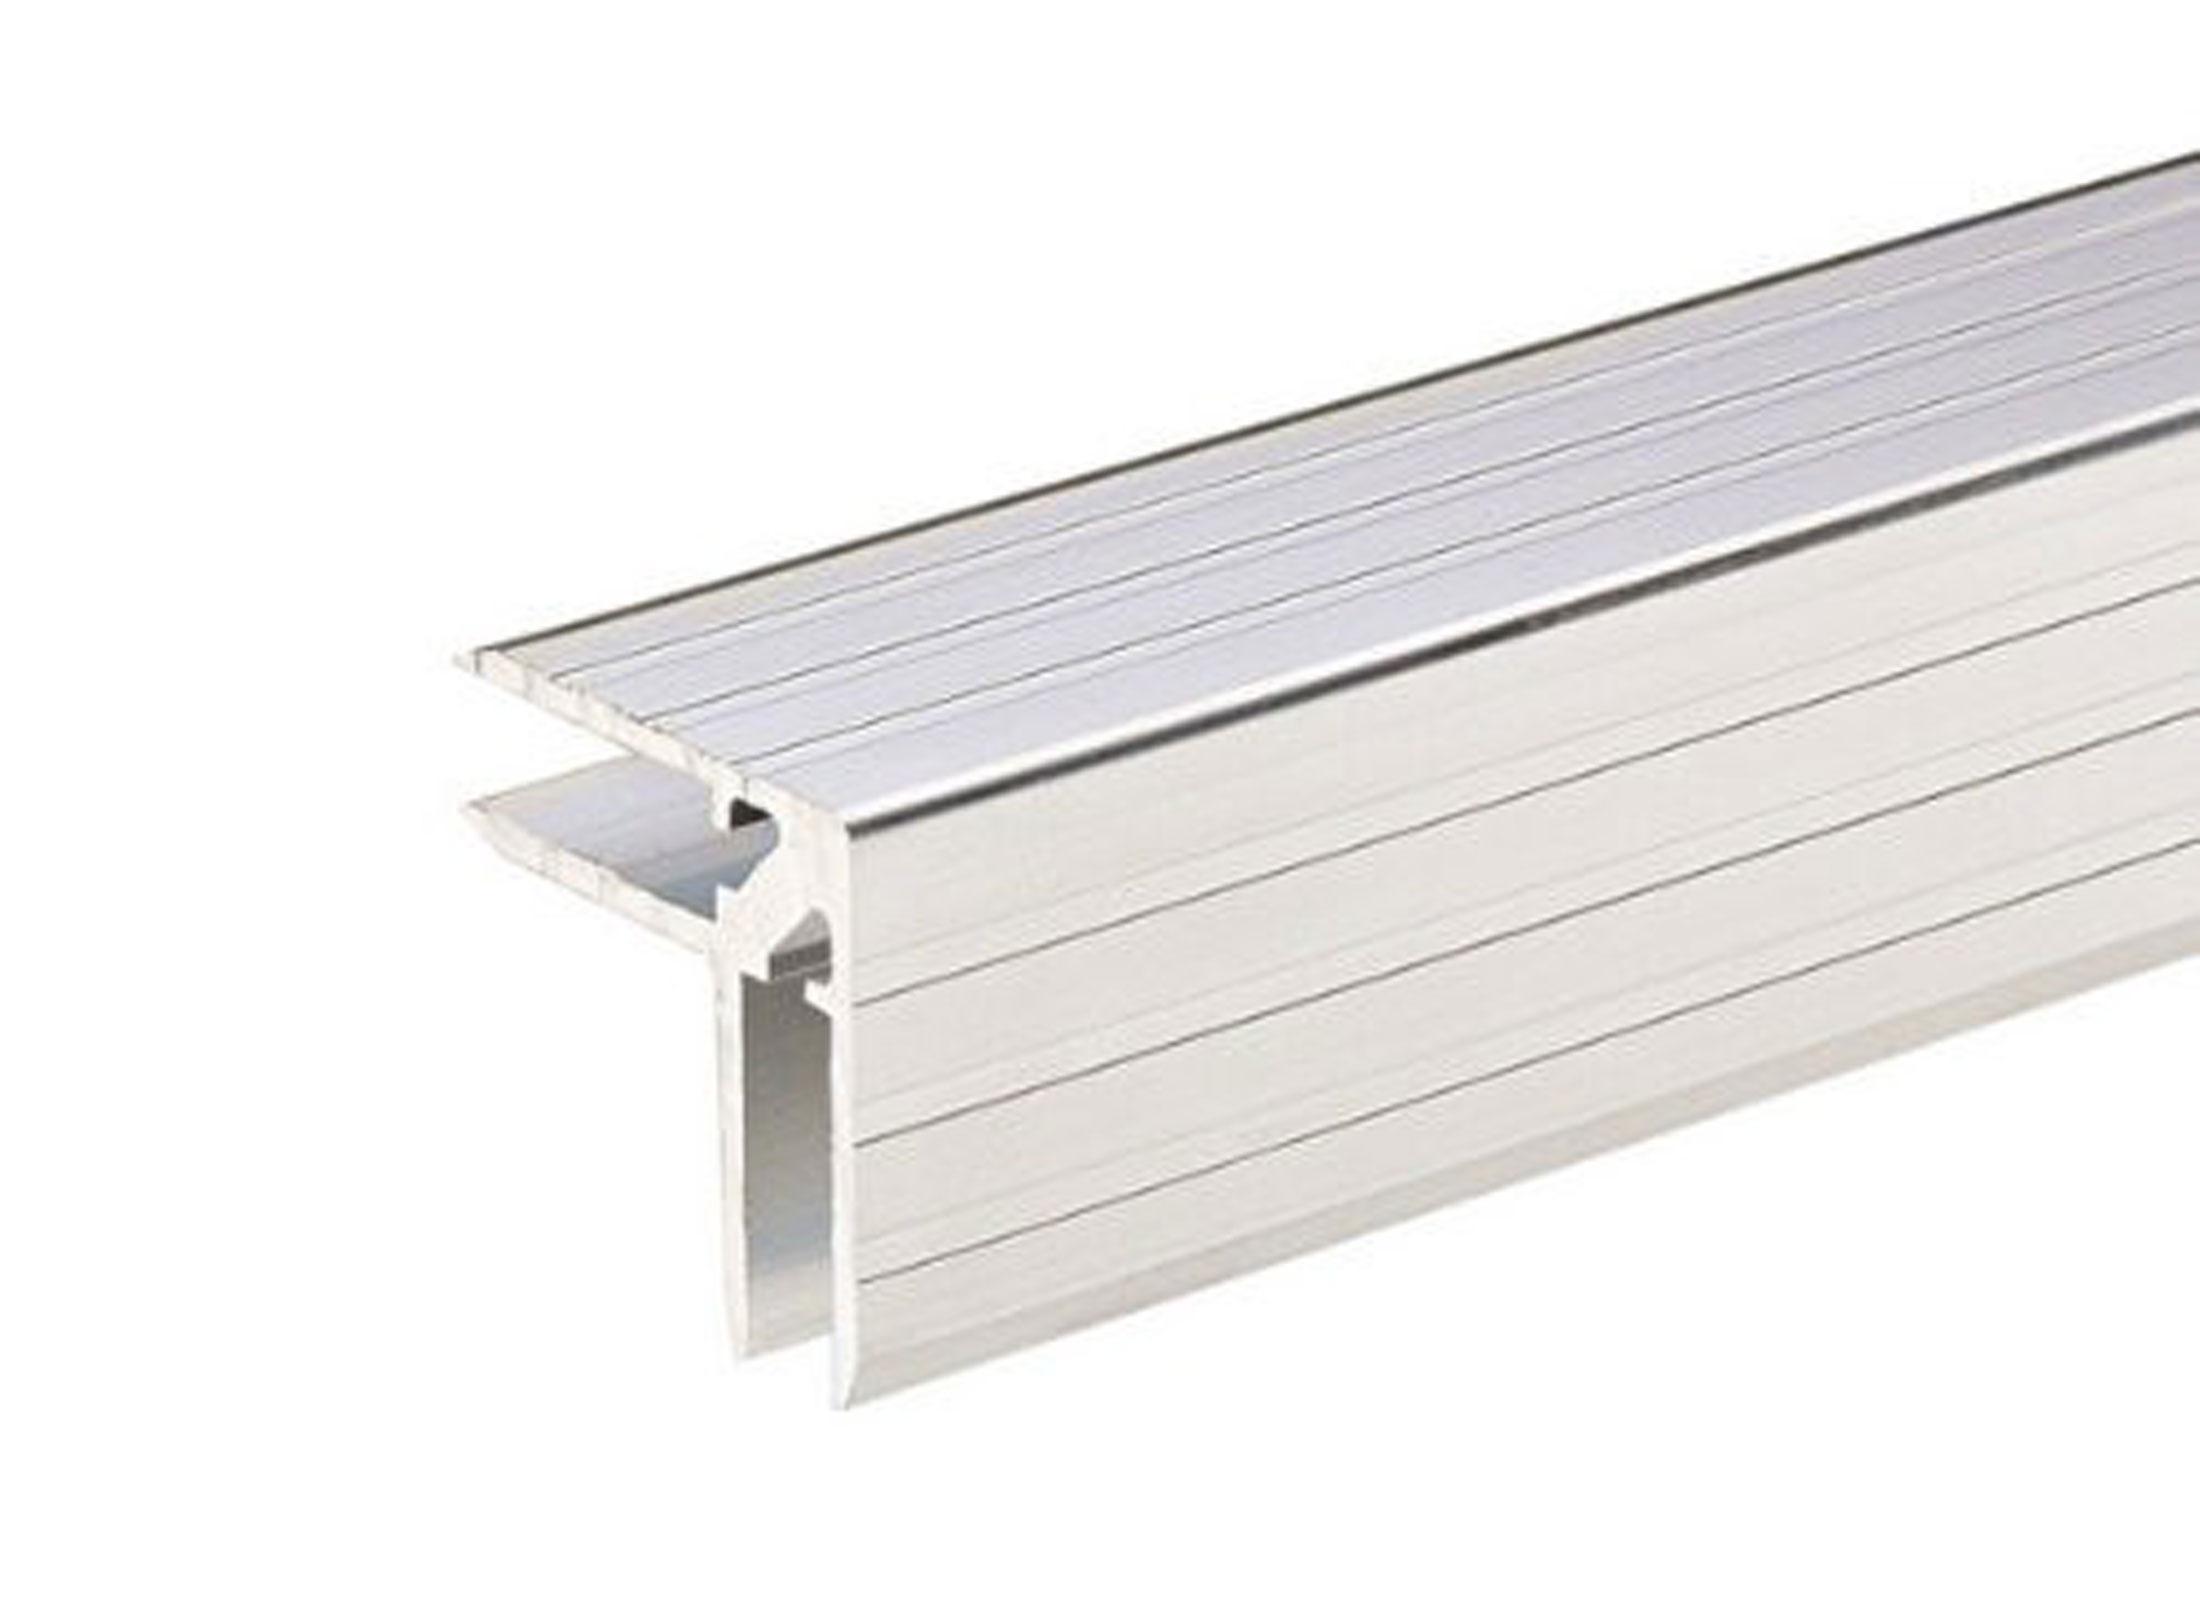 Adam hall 6106 aluleiste kantenschutz casemaker g nstig online kaufen bei huss licht ton - Holzsparren kaufen ...